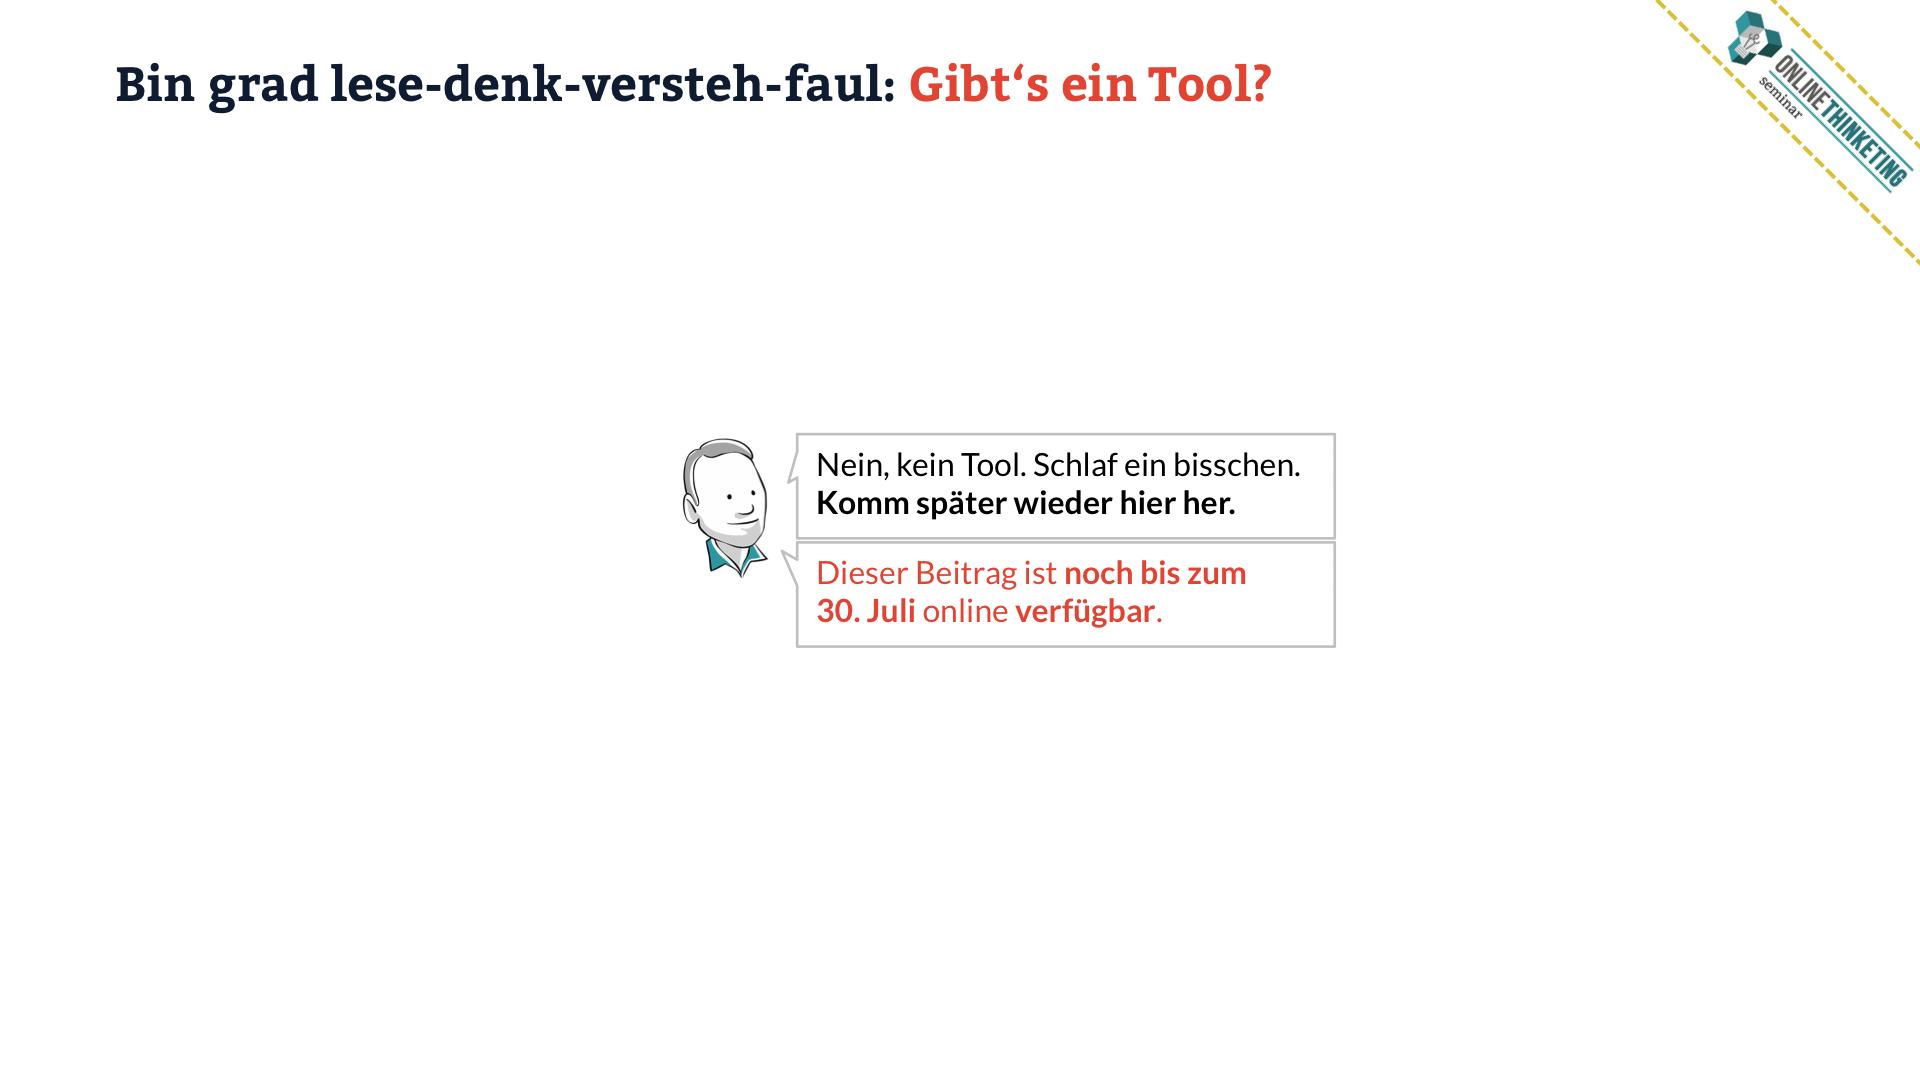 Bin grad lese-denk-versteh-faul: Gibt's ein Tool? Nein. :-)